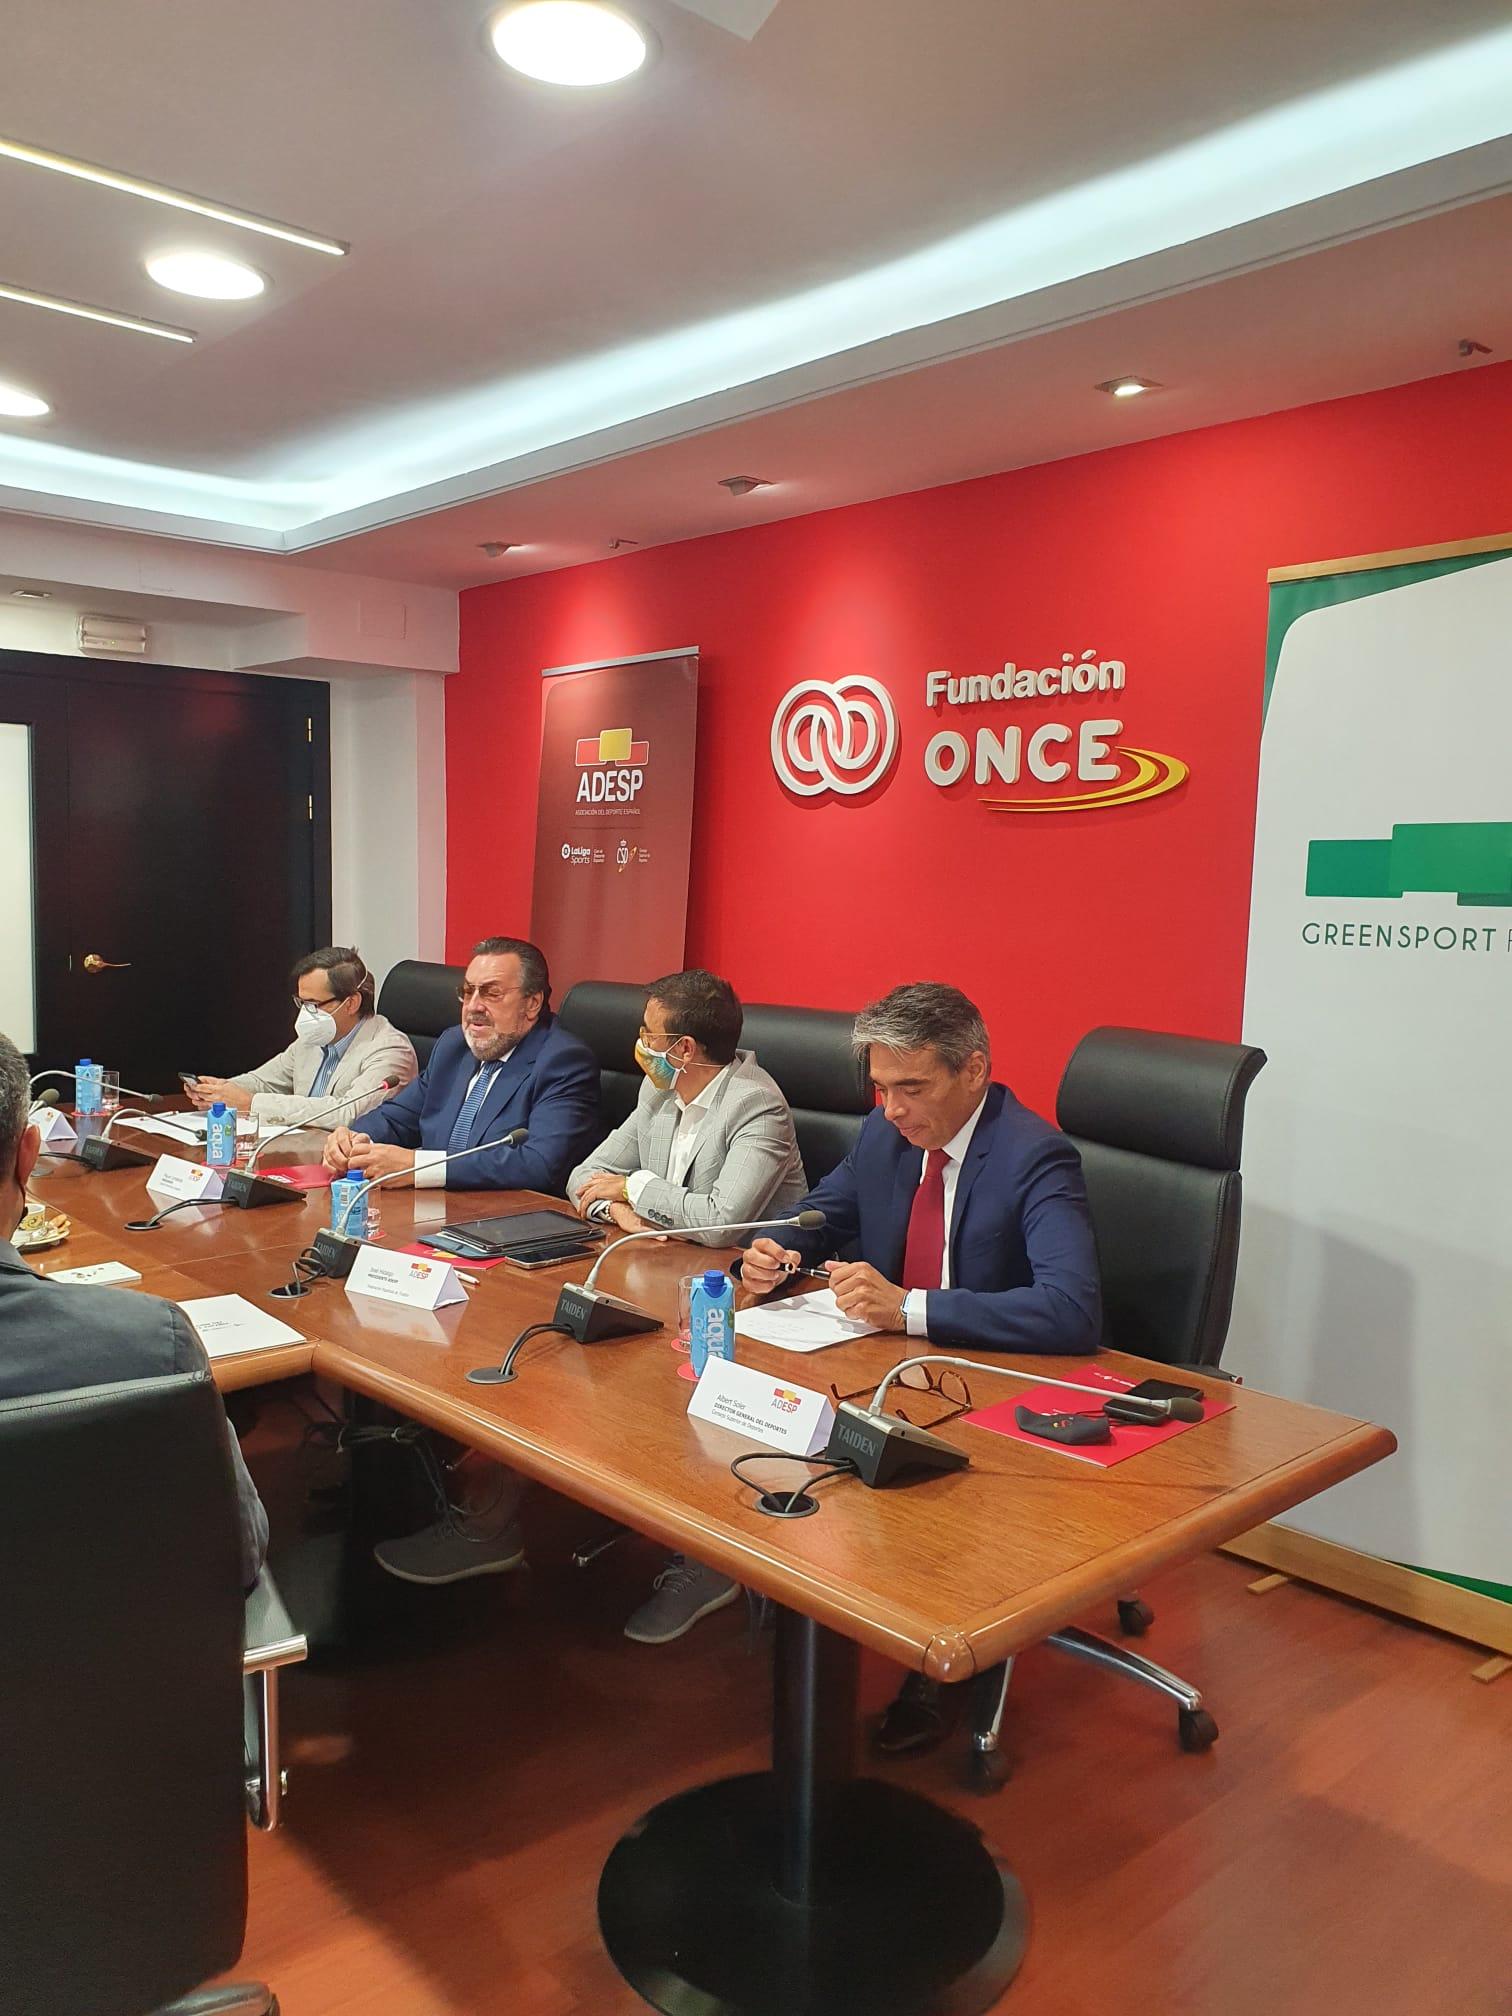 La gran mayoría de las Federaciones Españolas transmite su interés en la gestión centralizada de sus derechos de televisión y ADESP ya trabaja en un estudio preliminar